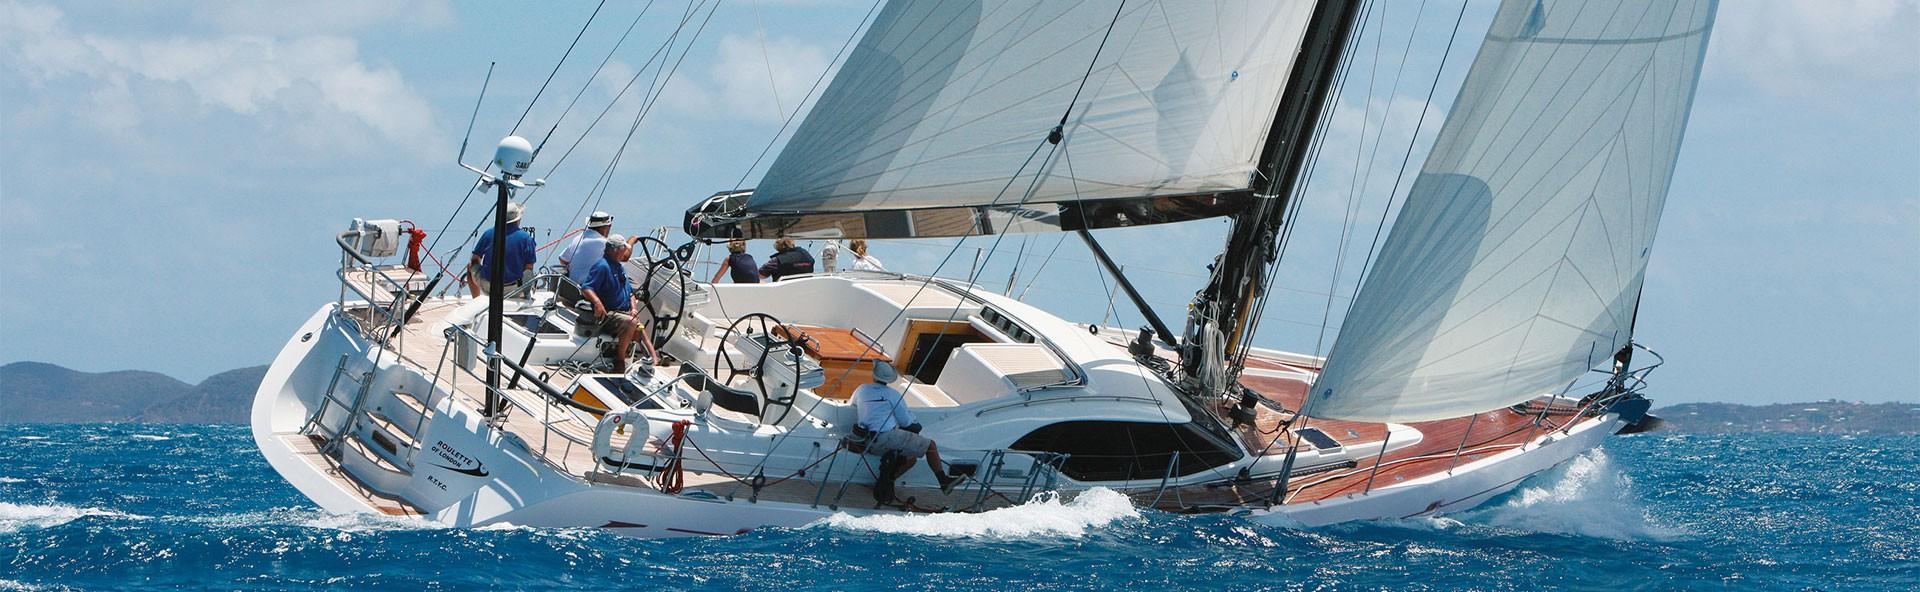 embarcaciones_a_vela